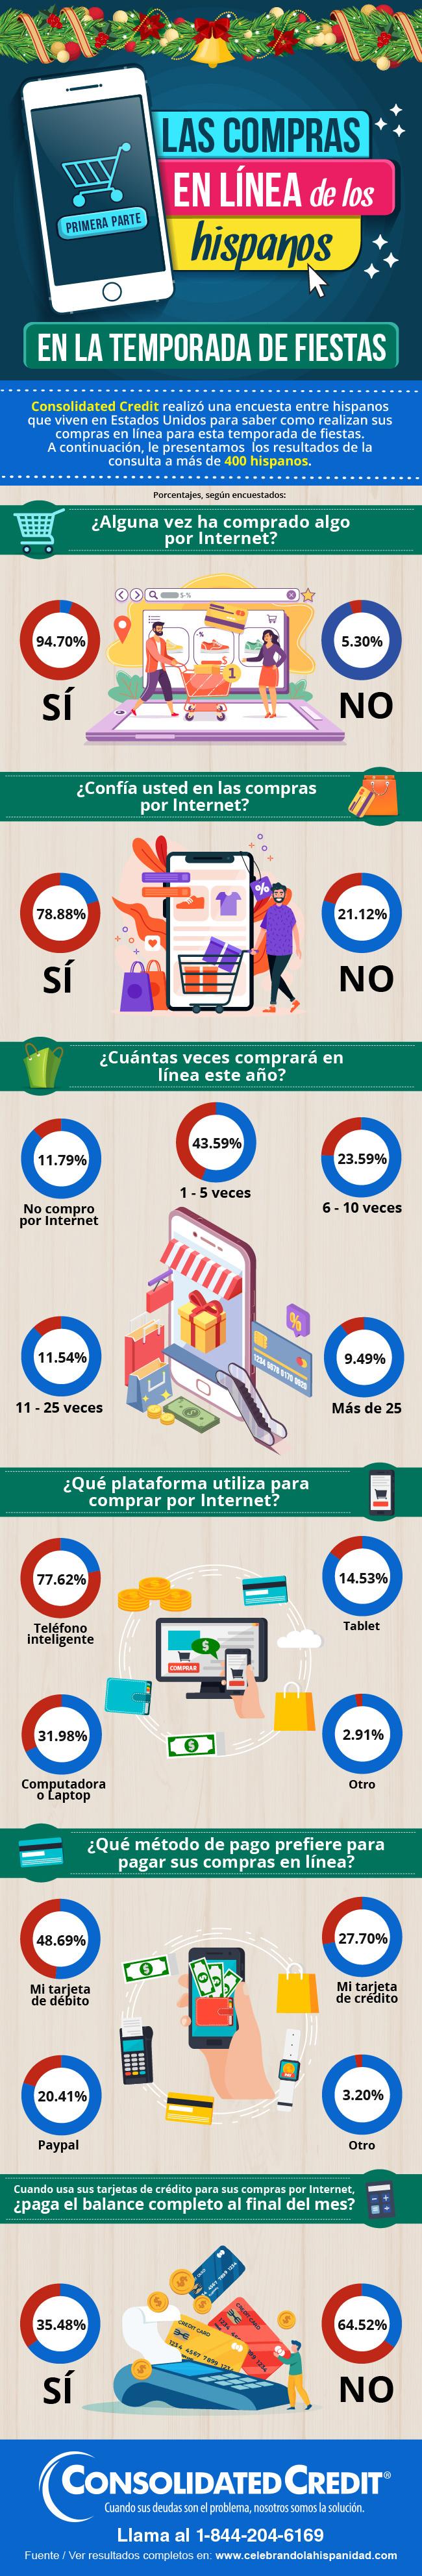 Las compras en línea de los hispanos en la temporada de fiestas